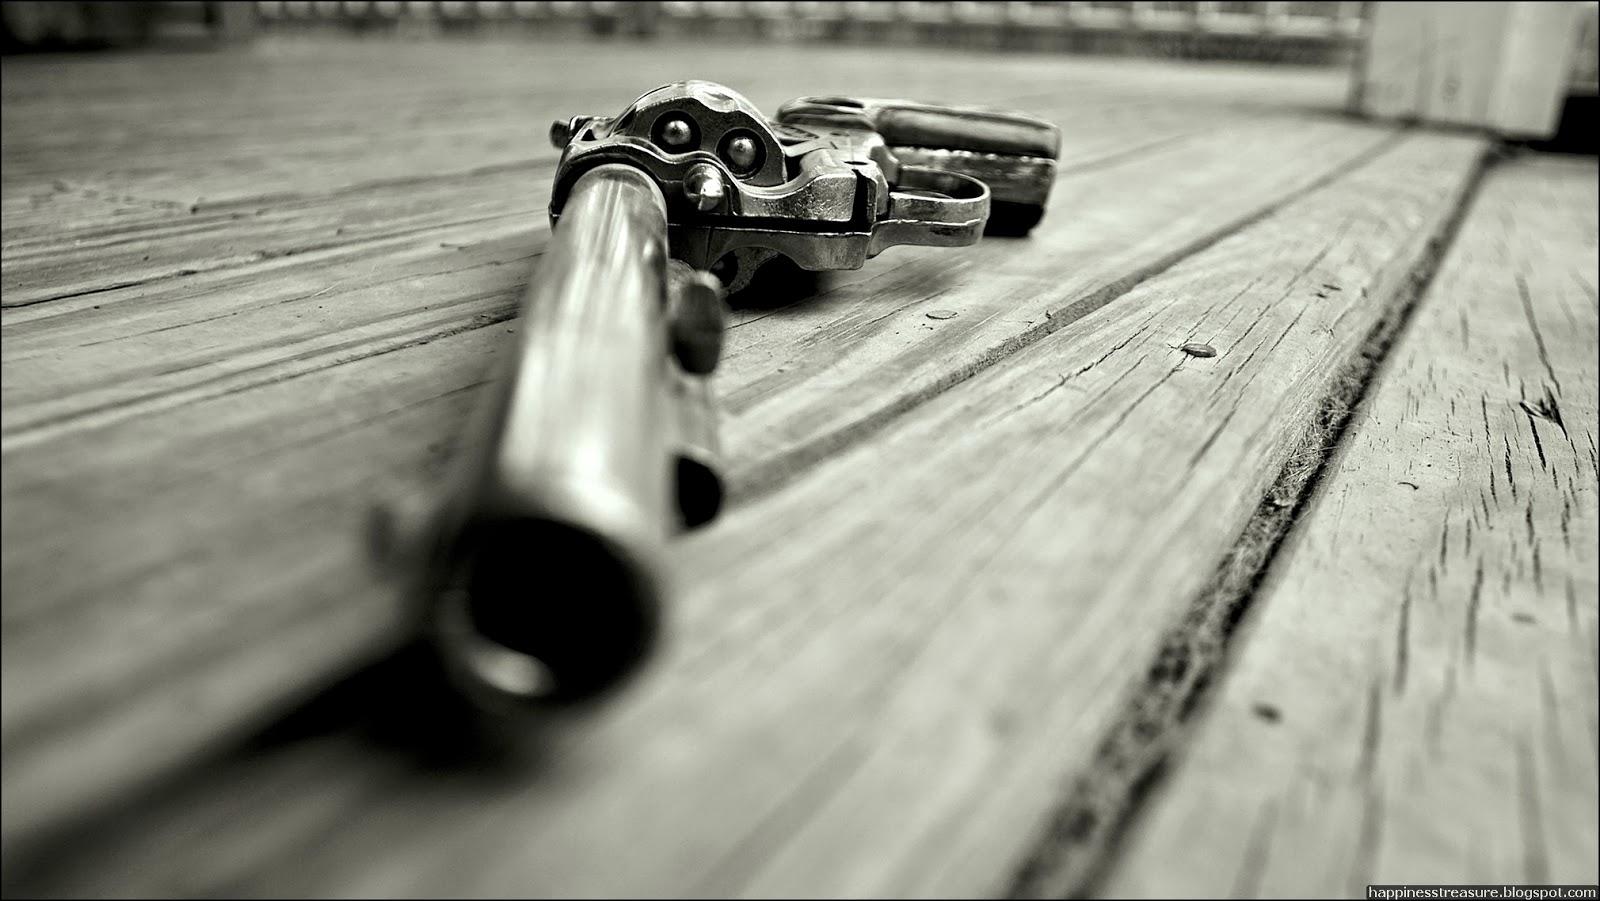 Guns Wallpaper Hd: Secrets Of Happiness: HD Gun's Wallpaper